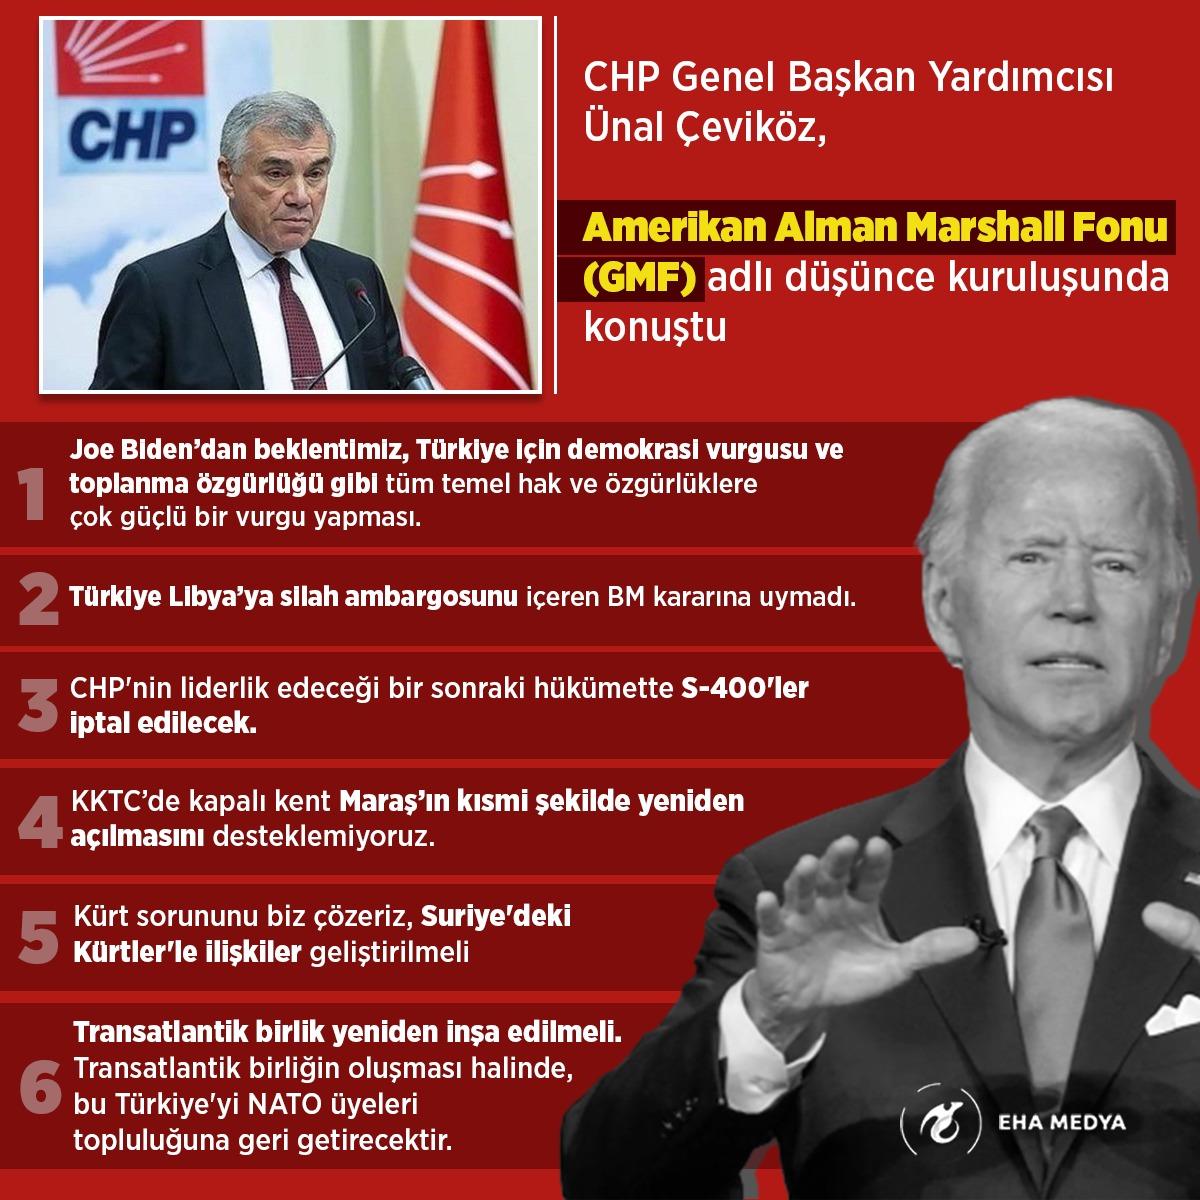 CHP'li Çeviköz 'Biden yönetiminden beklentimiz Türkiye için demokrasi vurgusu yapması'